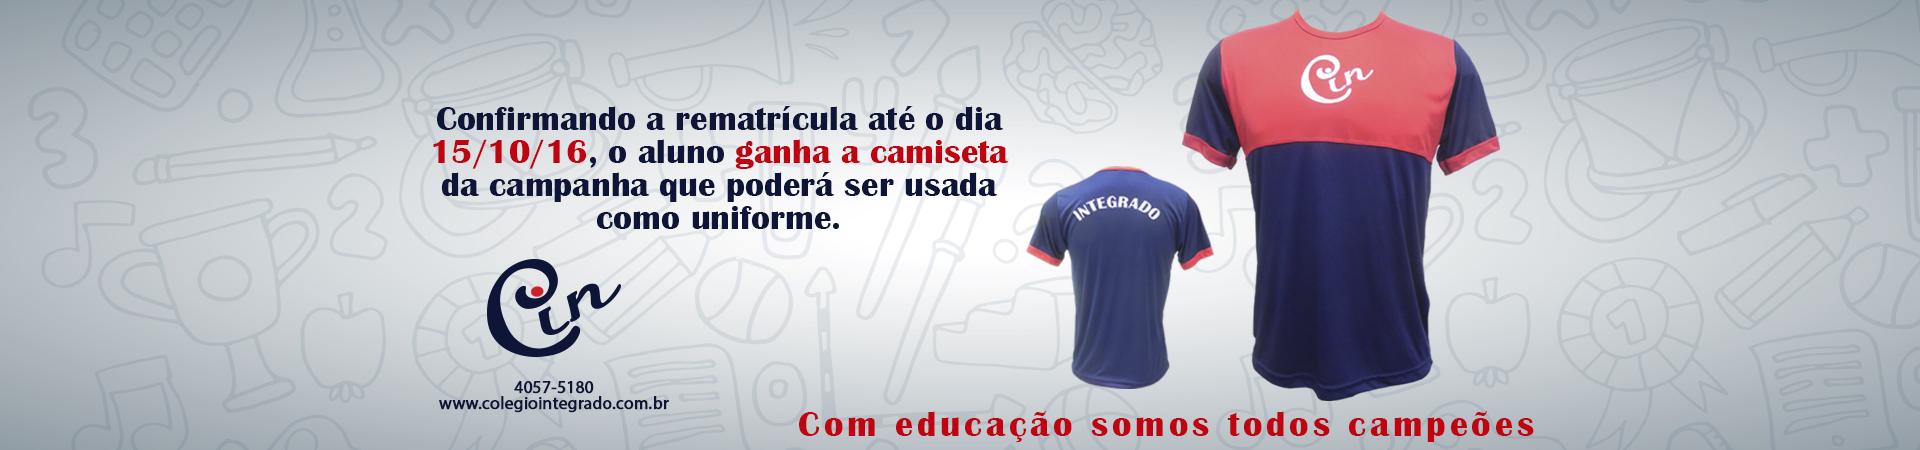 banner-site-camiseta-campanha-2017